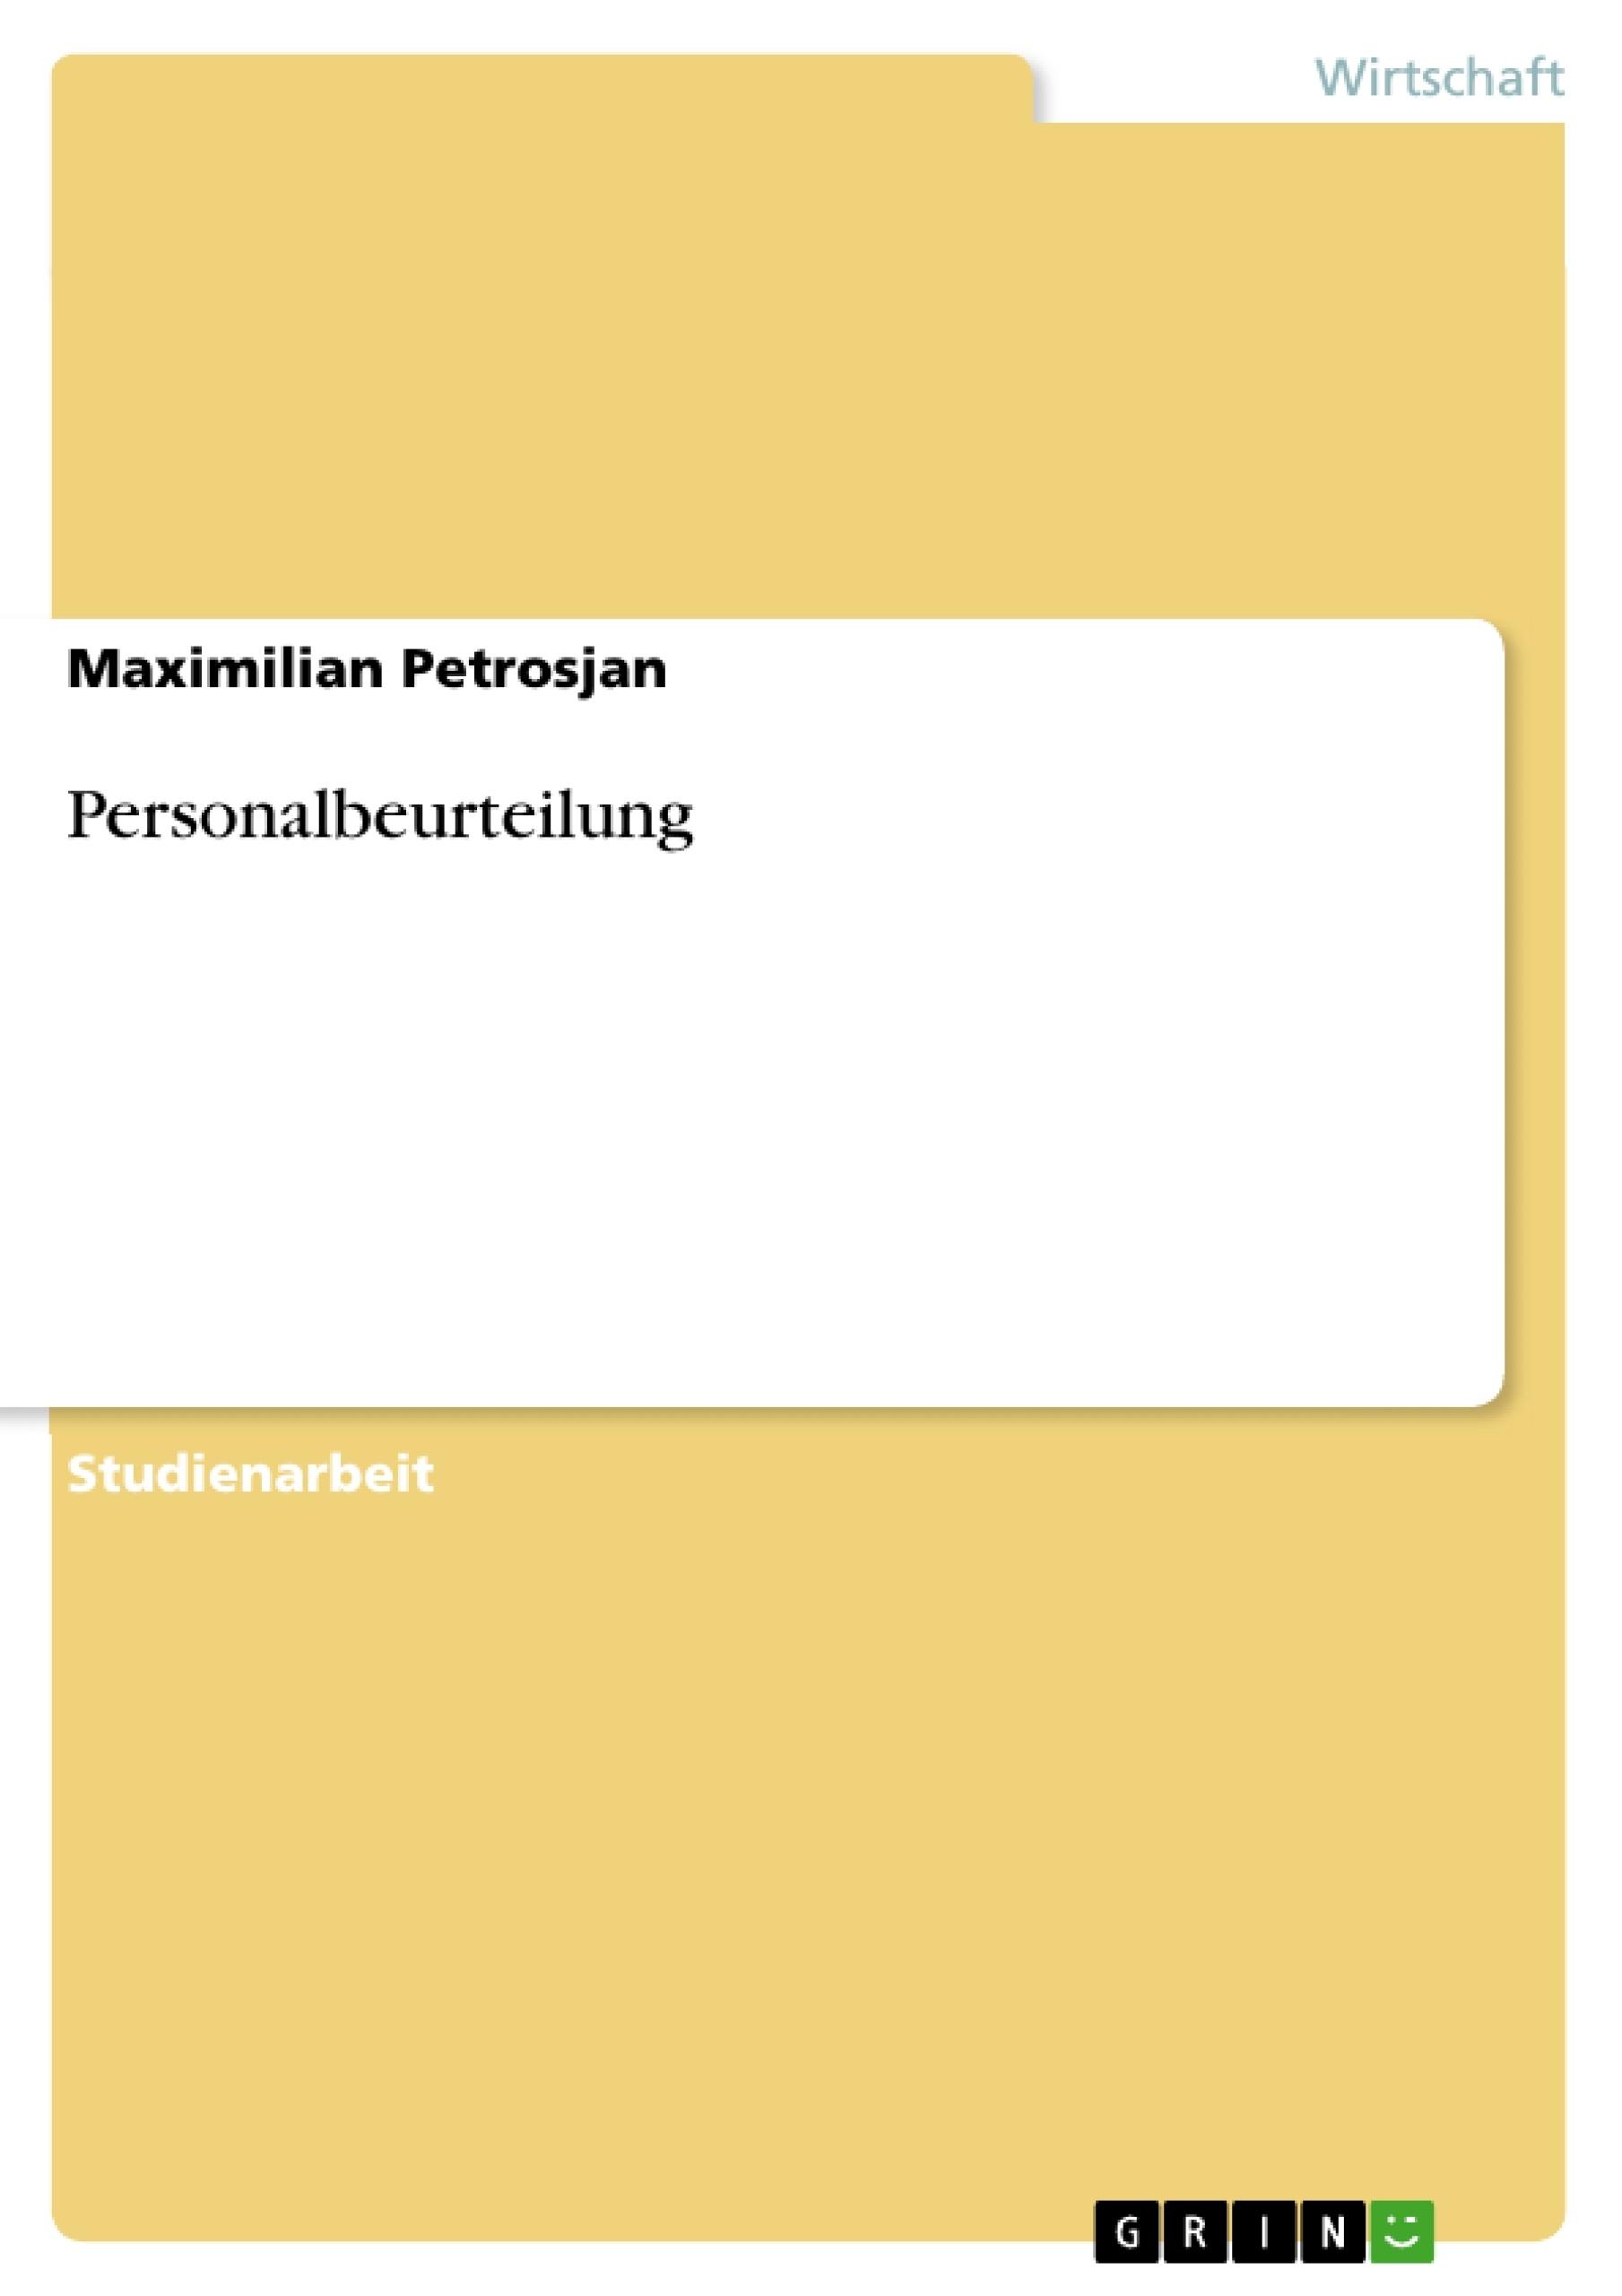 Personalbeurteilung | Masterarbeit, Hausarbeit, Bachelorarbeit ...